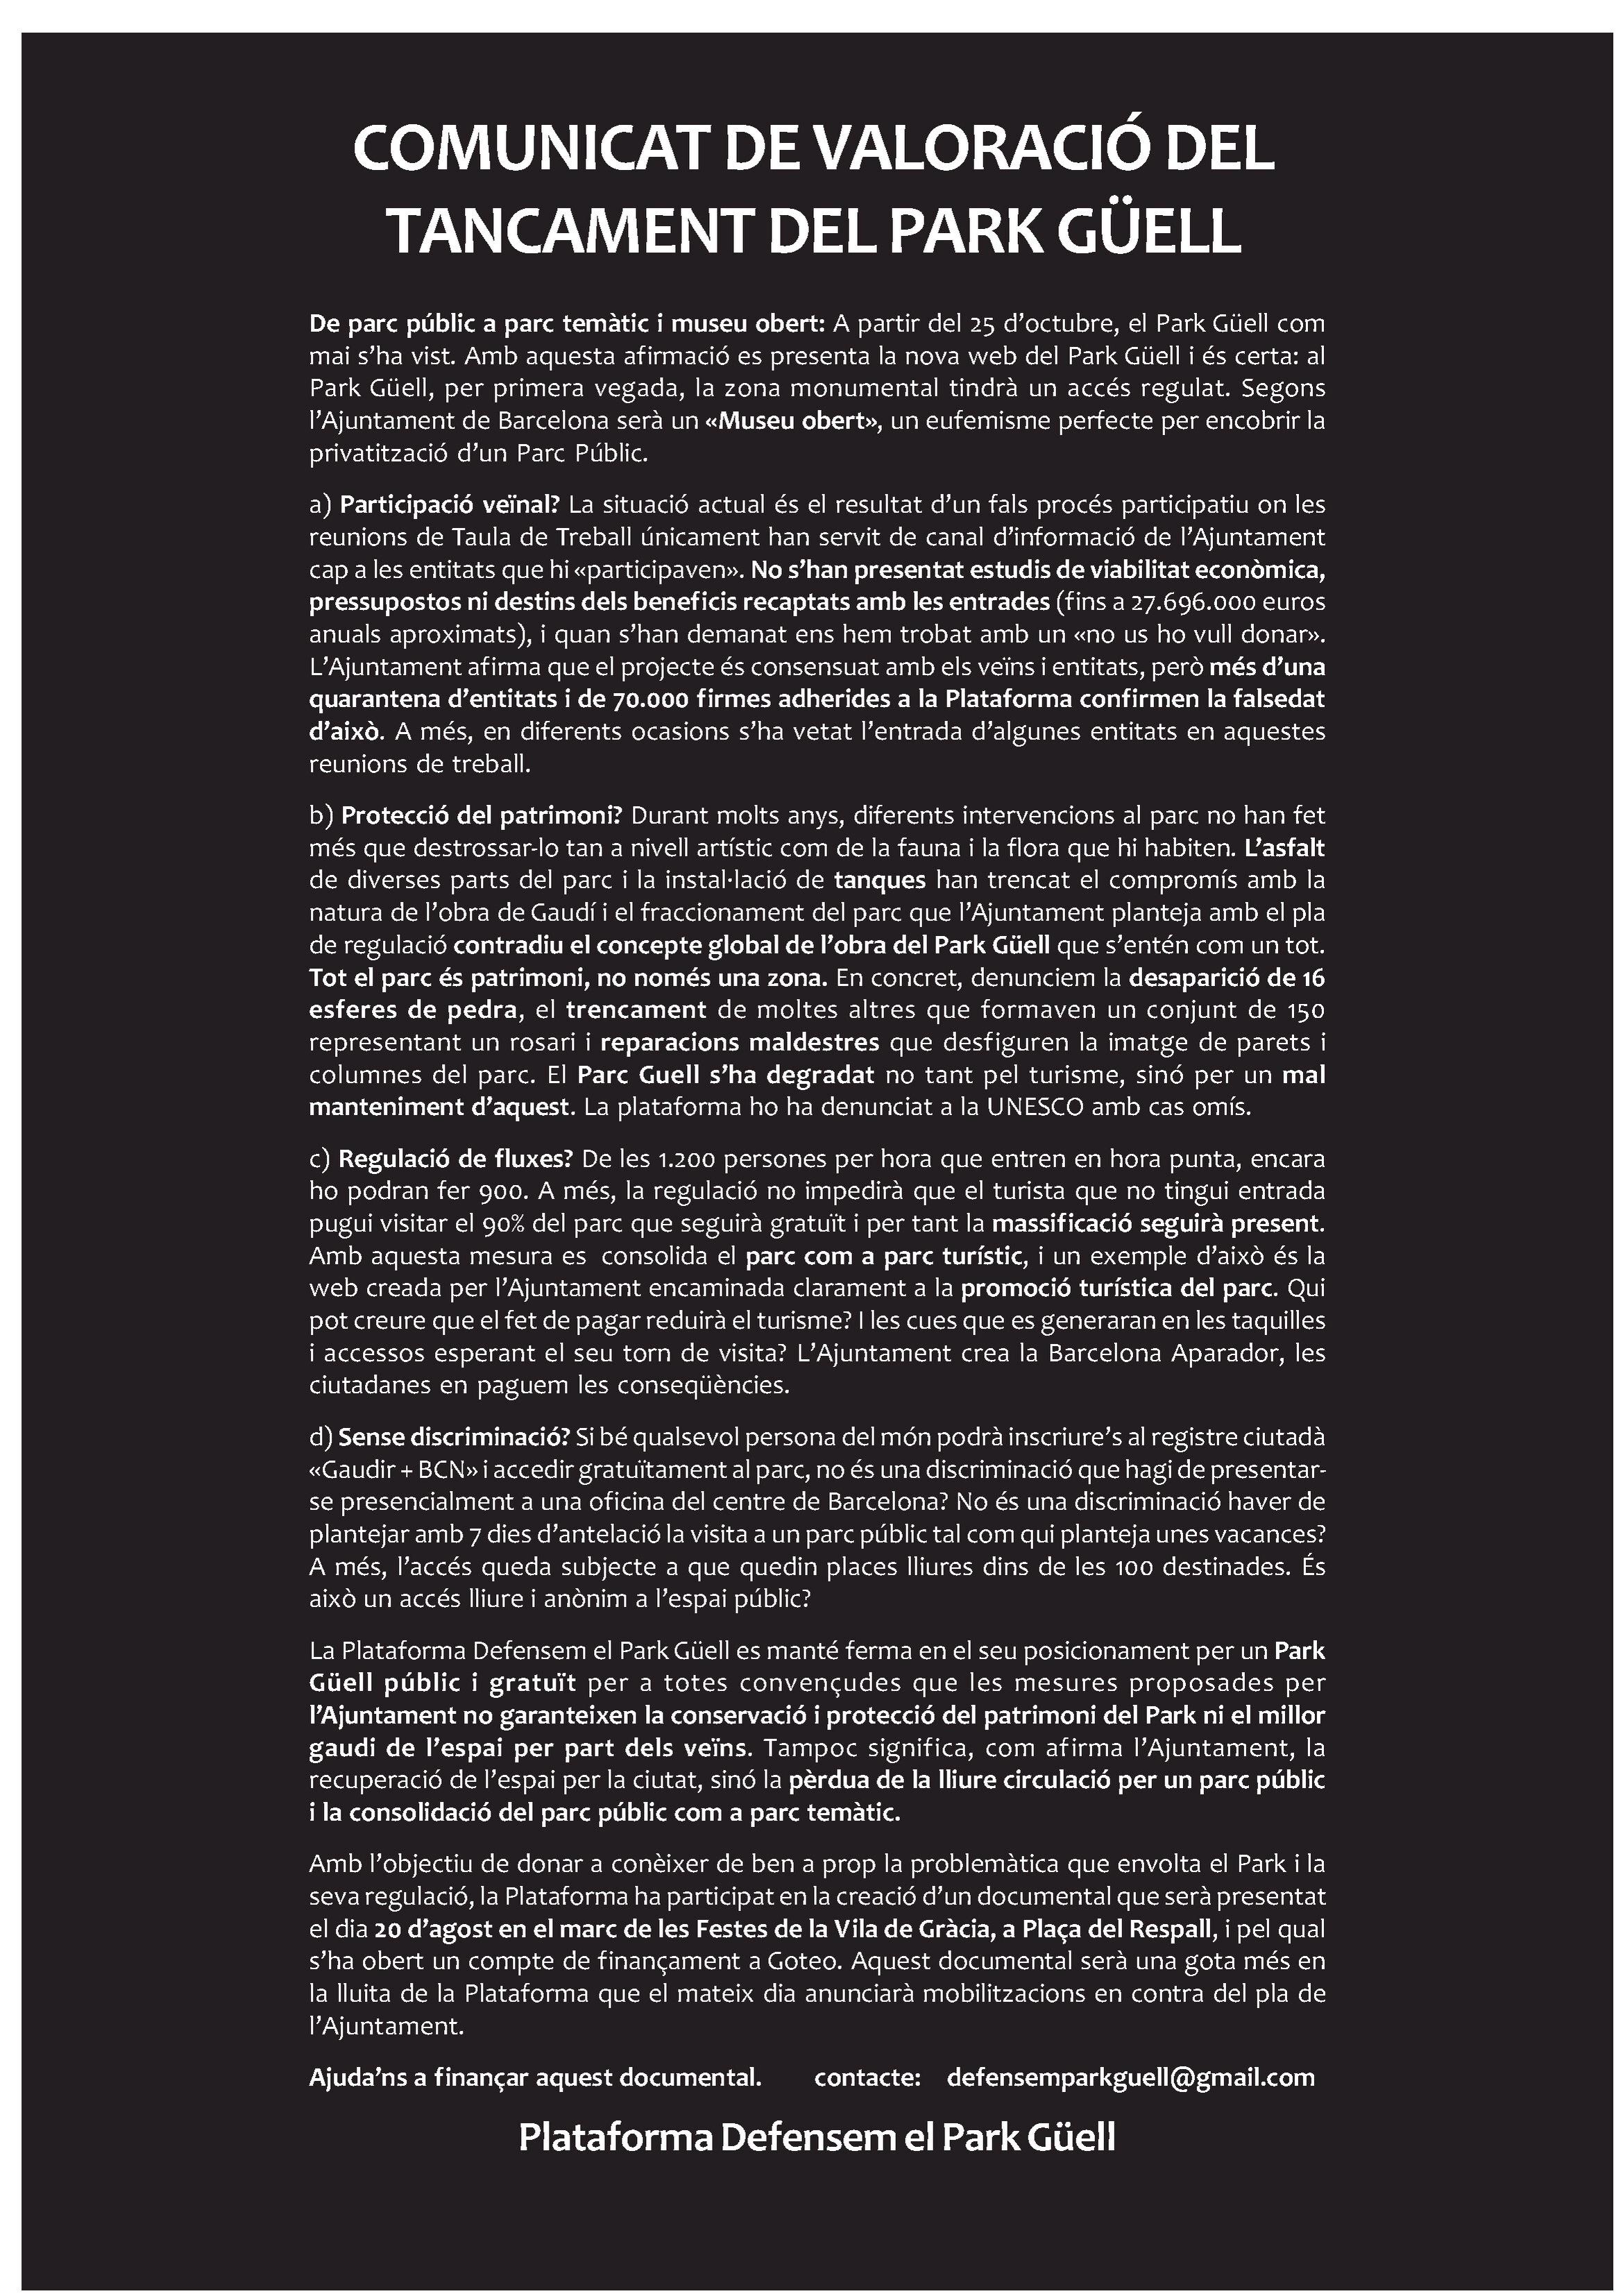 Comunicat de valoració del tancament del Park Güell. Plataforma en defensa del Park Güell